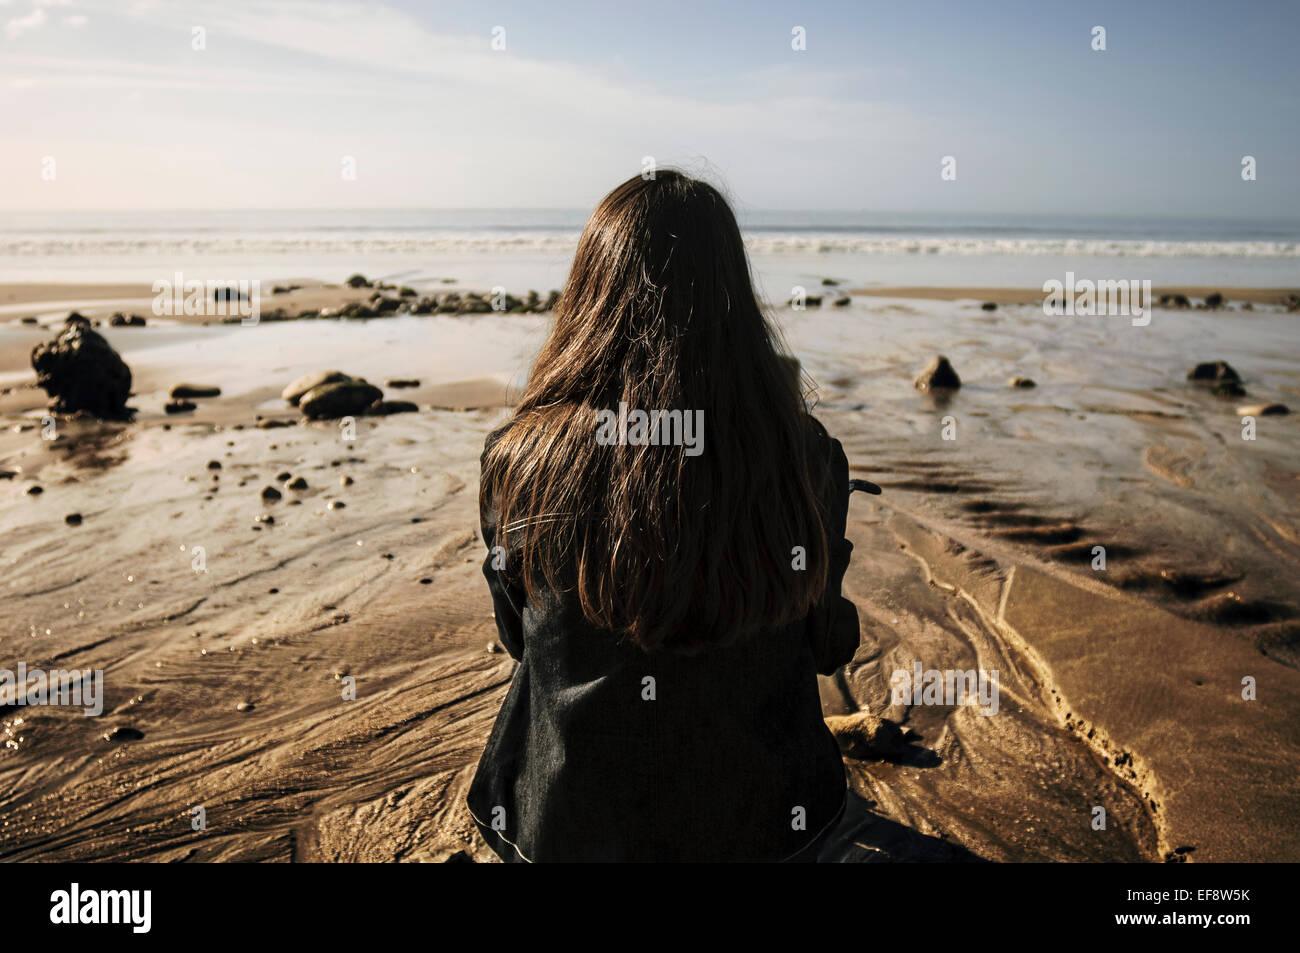 Frankreich, junge Frau sitzt auf Sand, Blick auf See Stockbild